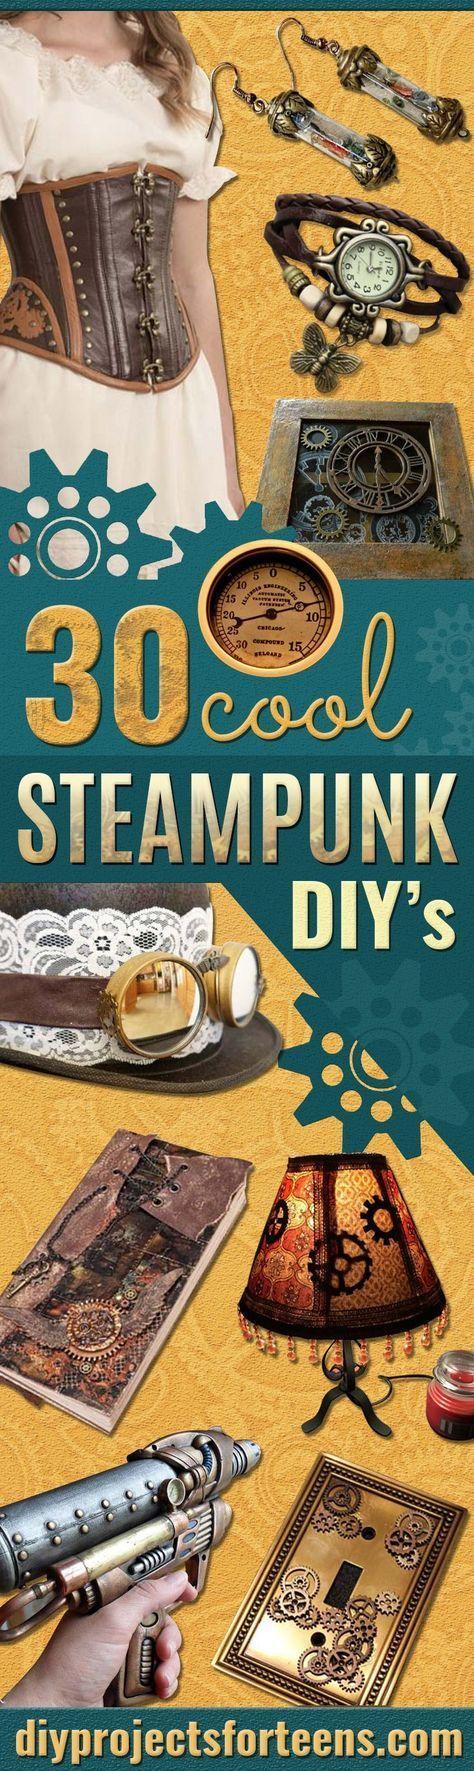 Coole Steampunk DIY Ideen – Easy Home Decor, Kostümideen, Schmuck, Kunsthandwerk, Möbel